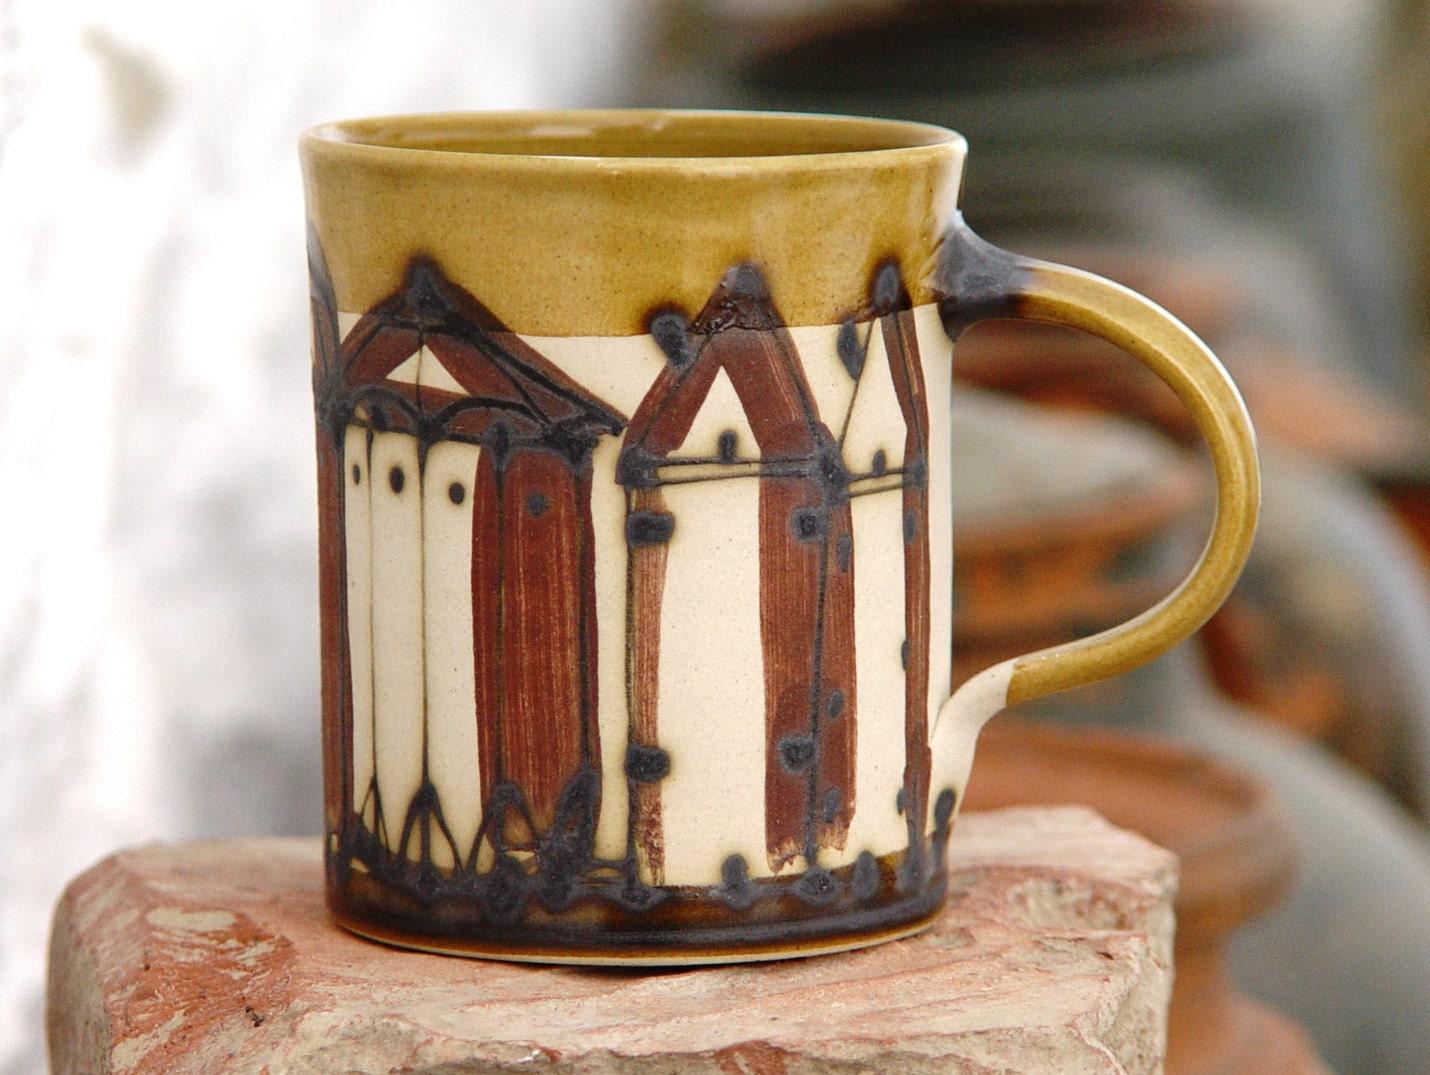 steinzeug keramik kaffeebecher mit handgemalten geb ude. Black Bedroom Furniture Sets. Home Design Ideas